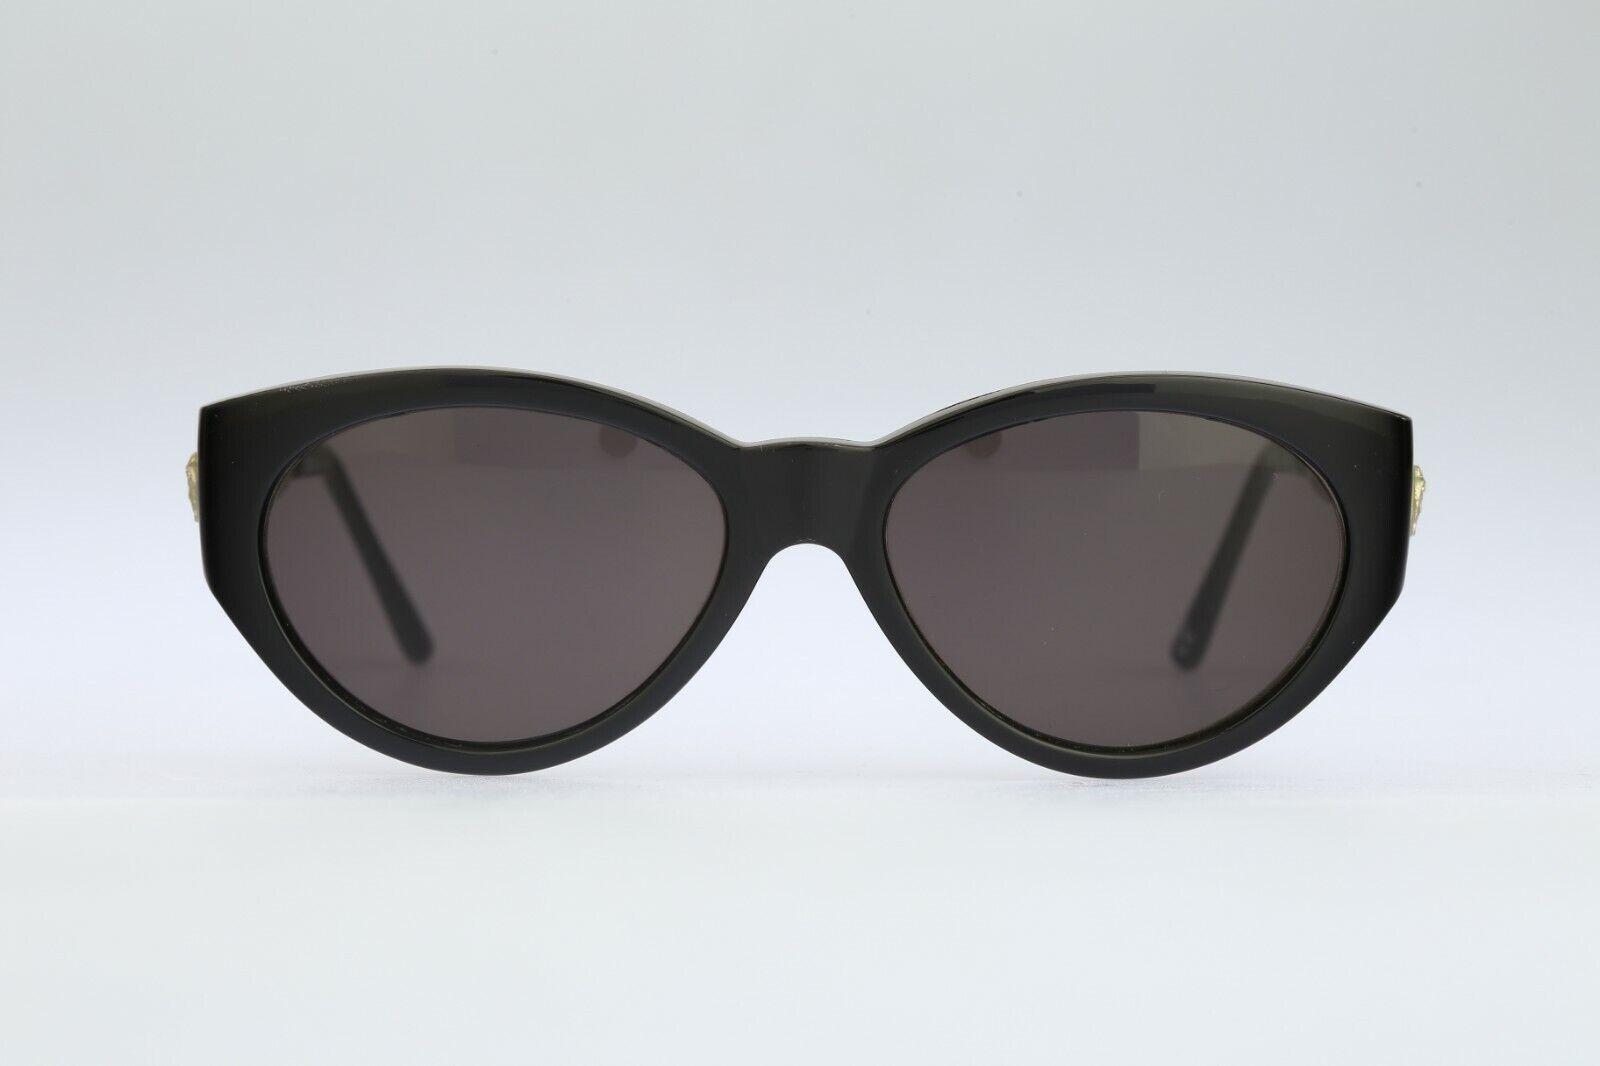 Gianni Versace 490 N52, 90s Vintage cat eye sungl… - image 3